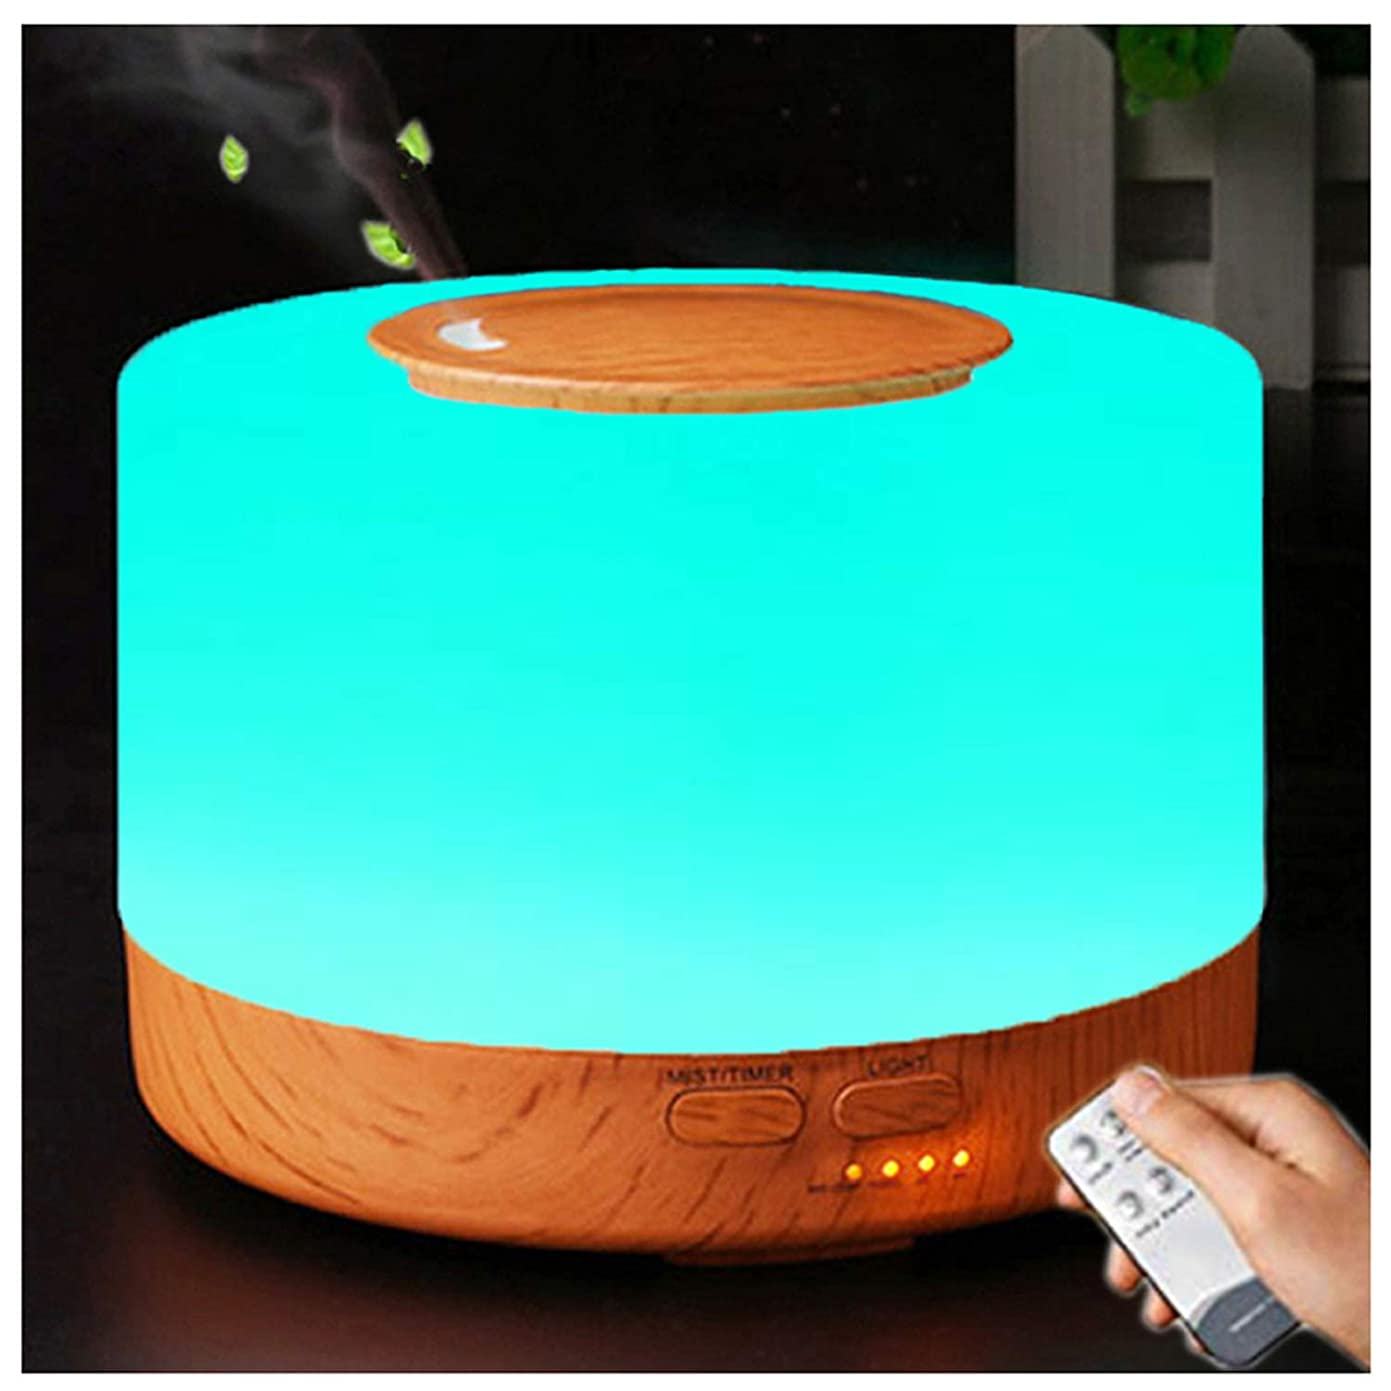 現実的誘発する空中アロマディフューザー 加湿器, 卓上 大容量 超音波加湿器, 500ML 保湿 時間設定 空焚き防止 7色変換LED搭載 (木目調)